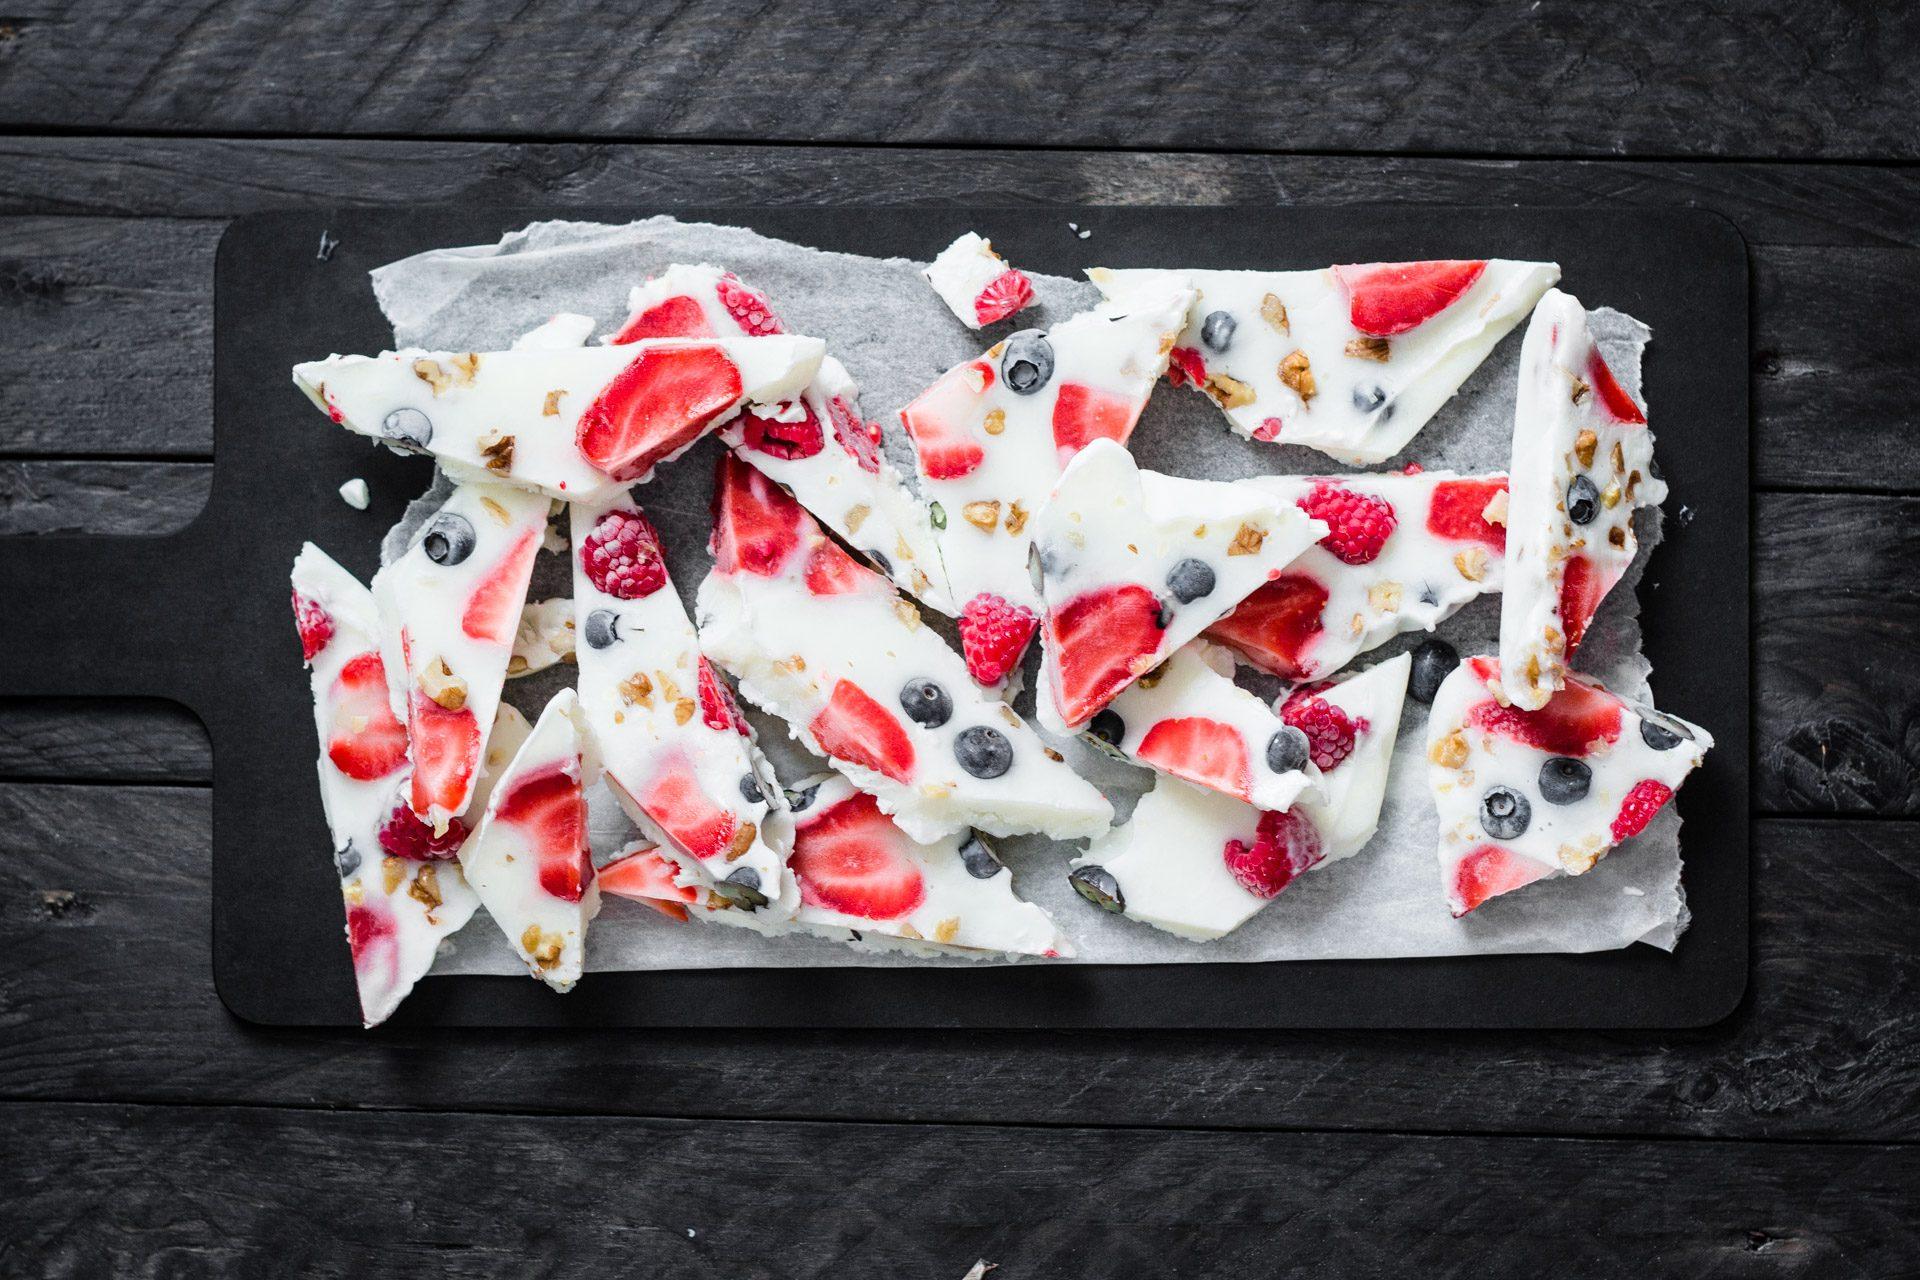 Croccante gelato allo yogurt con frutti di bosco video image